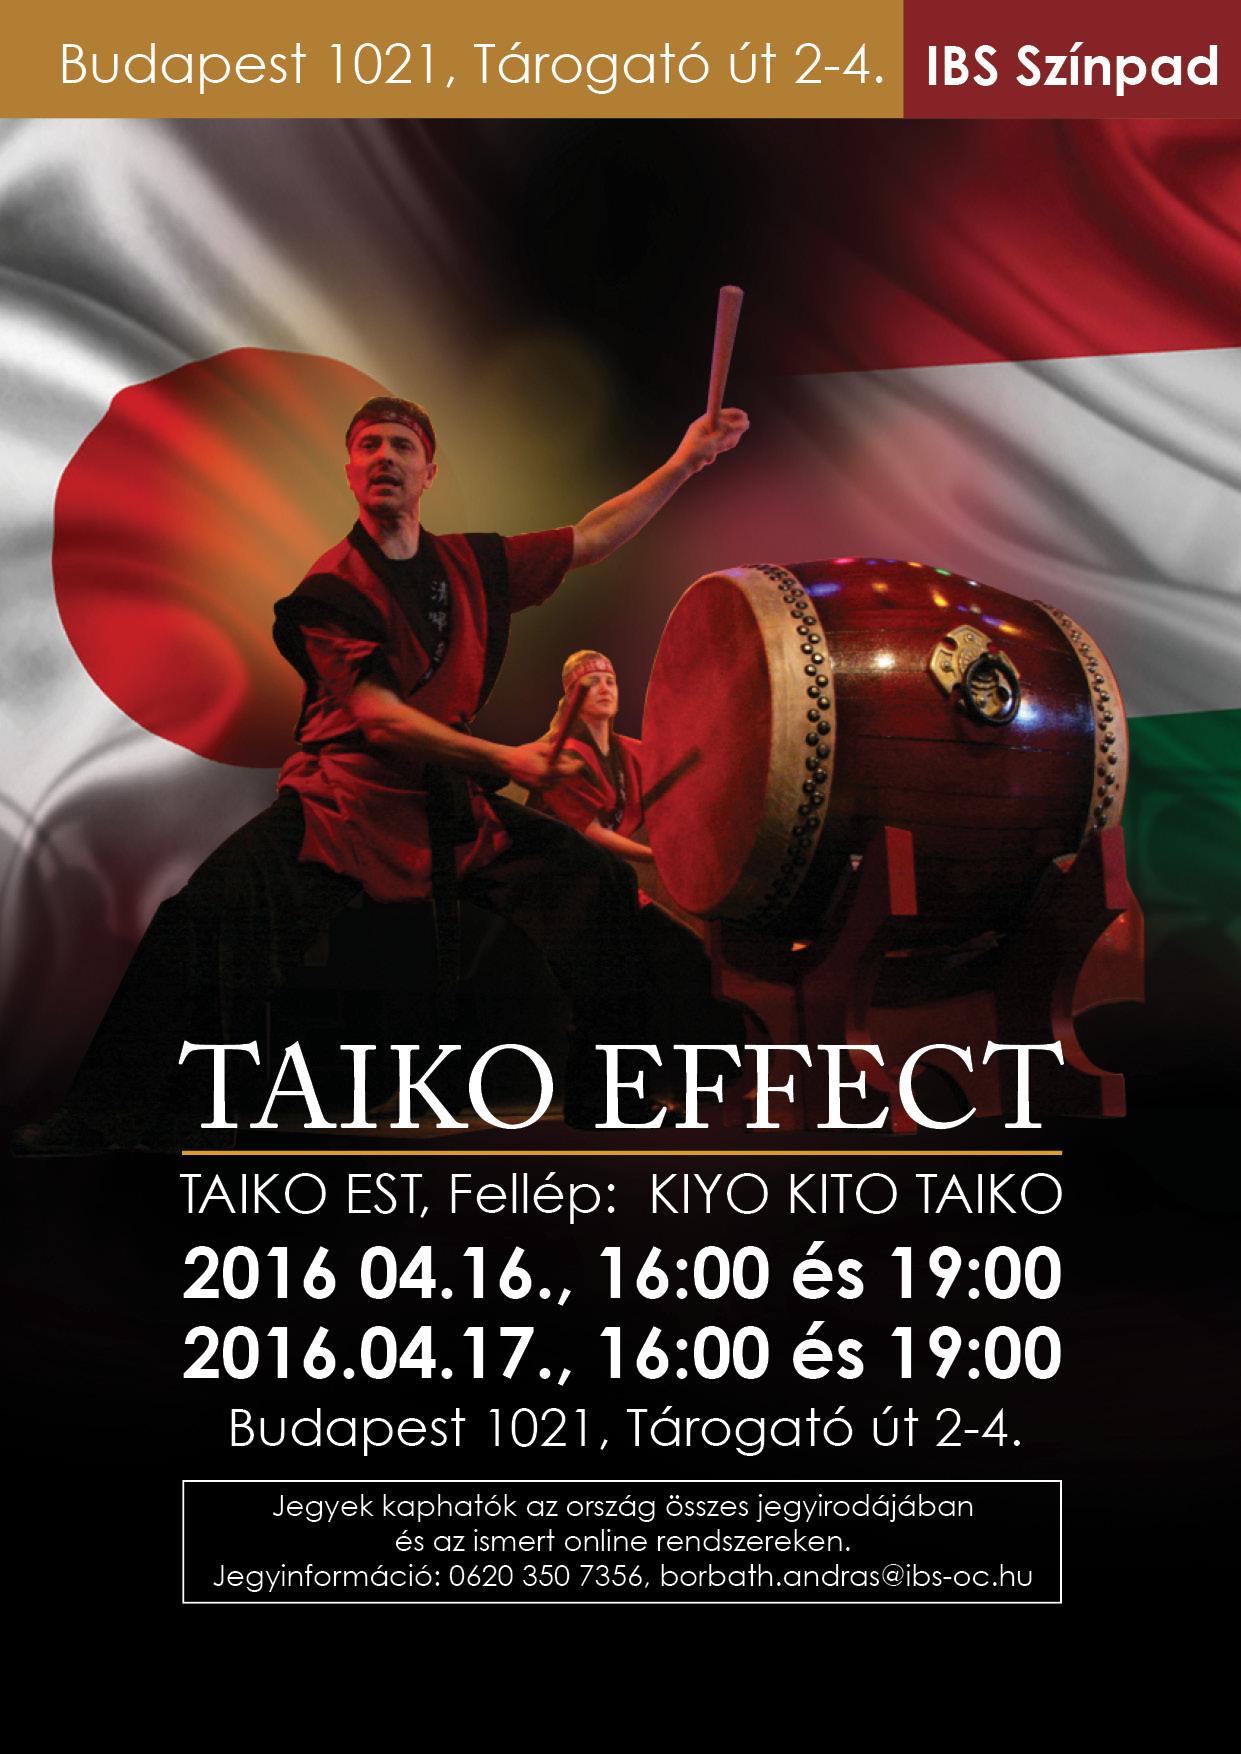 Taiko Effekt-Kiyo Kito Taiko Koncertje